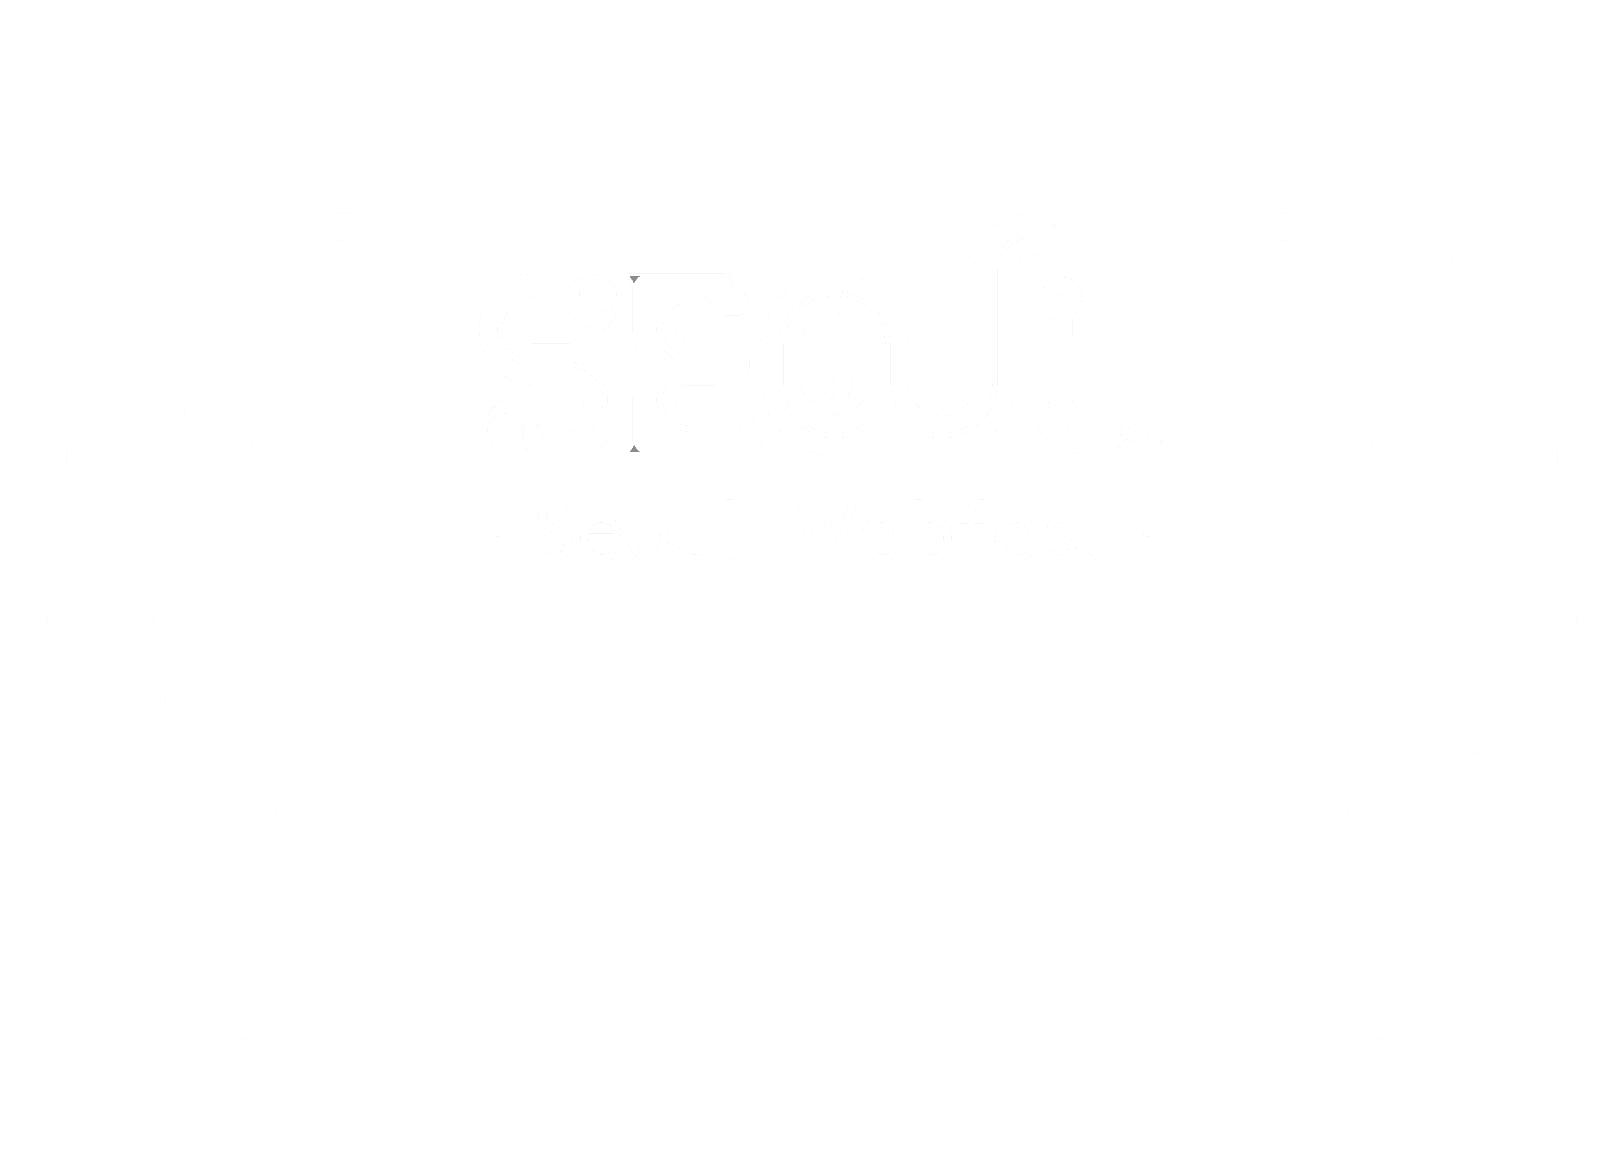 SeoulWebfest_OfficialSelection_White